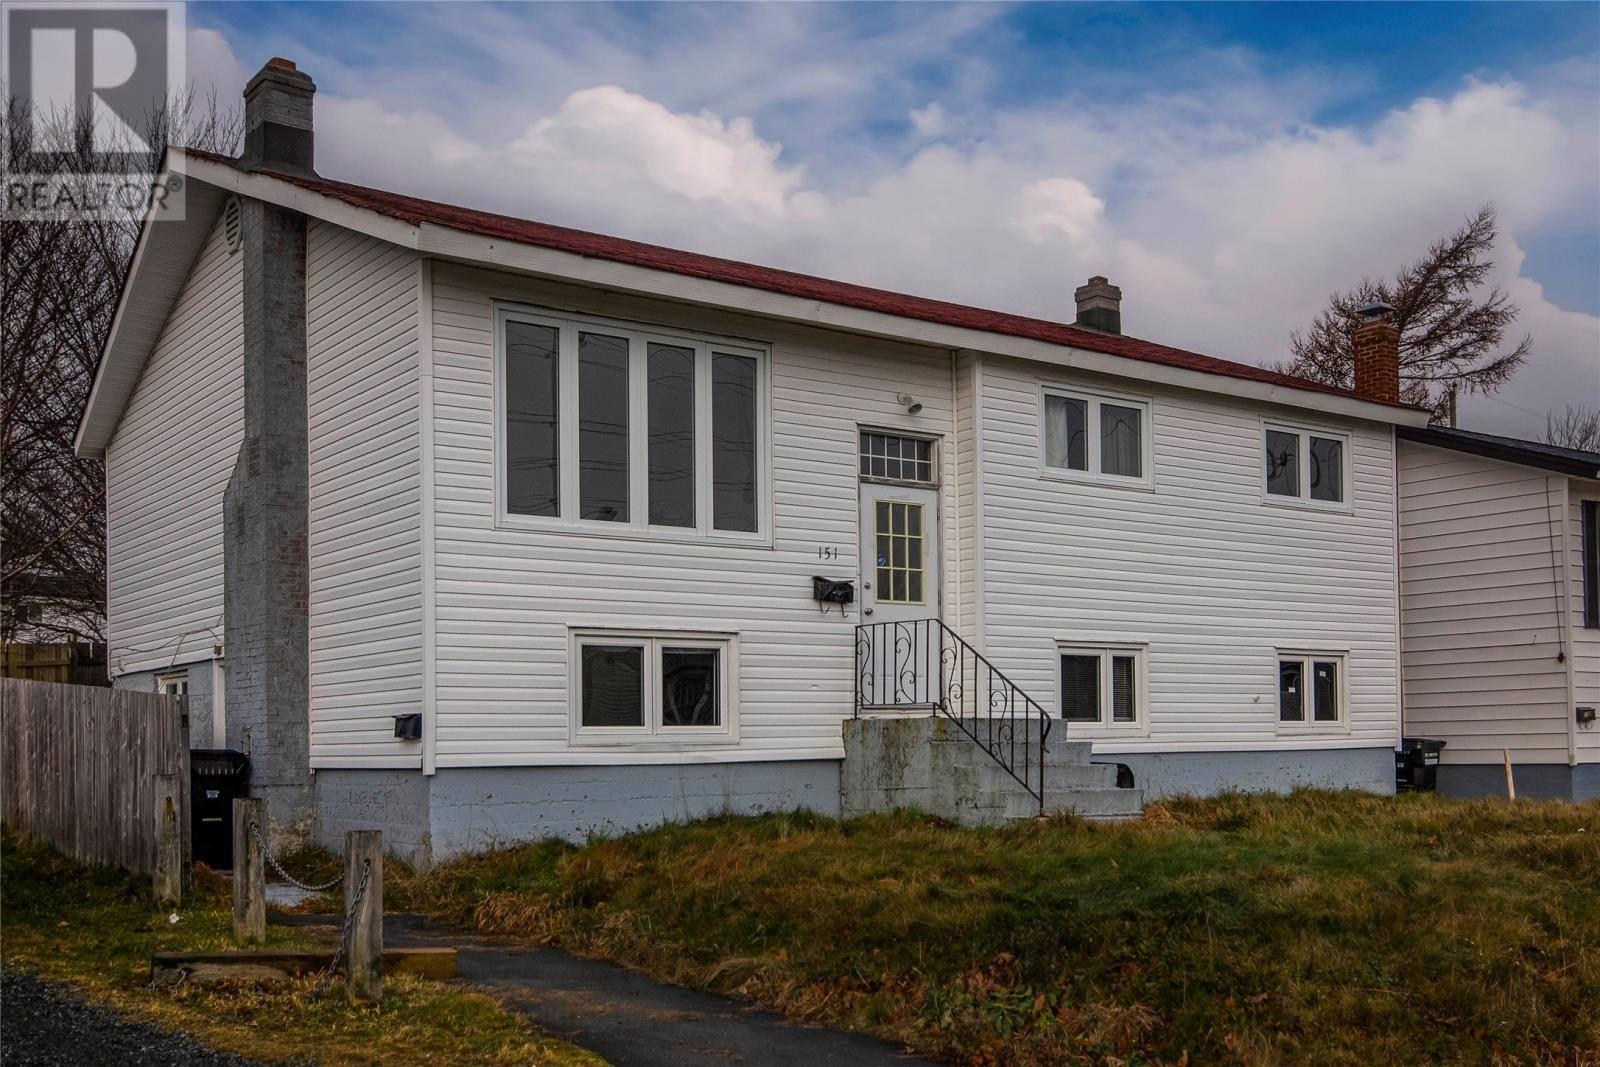 House for sale at 151 Higgins Line St. John's Newfoundland - MLS: 1208856